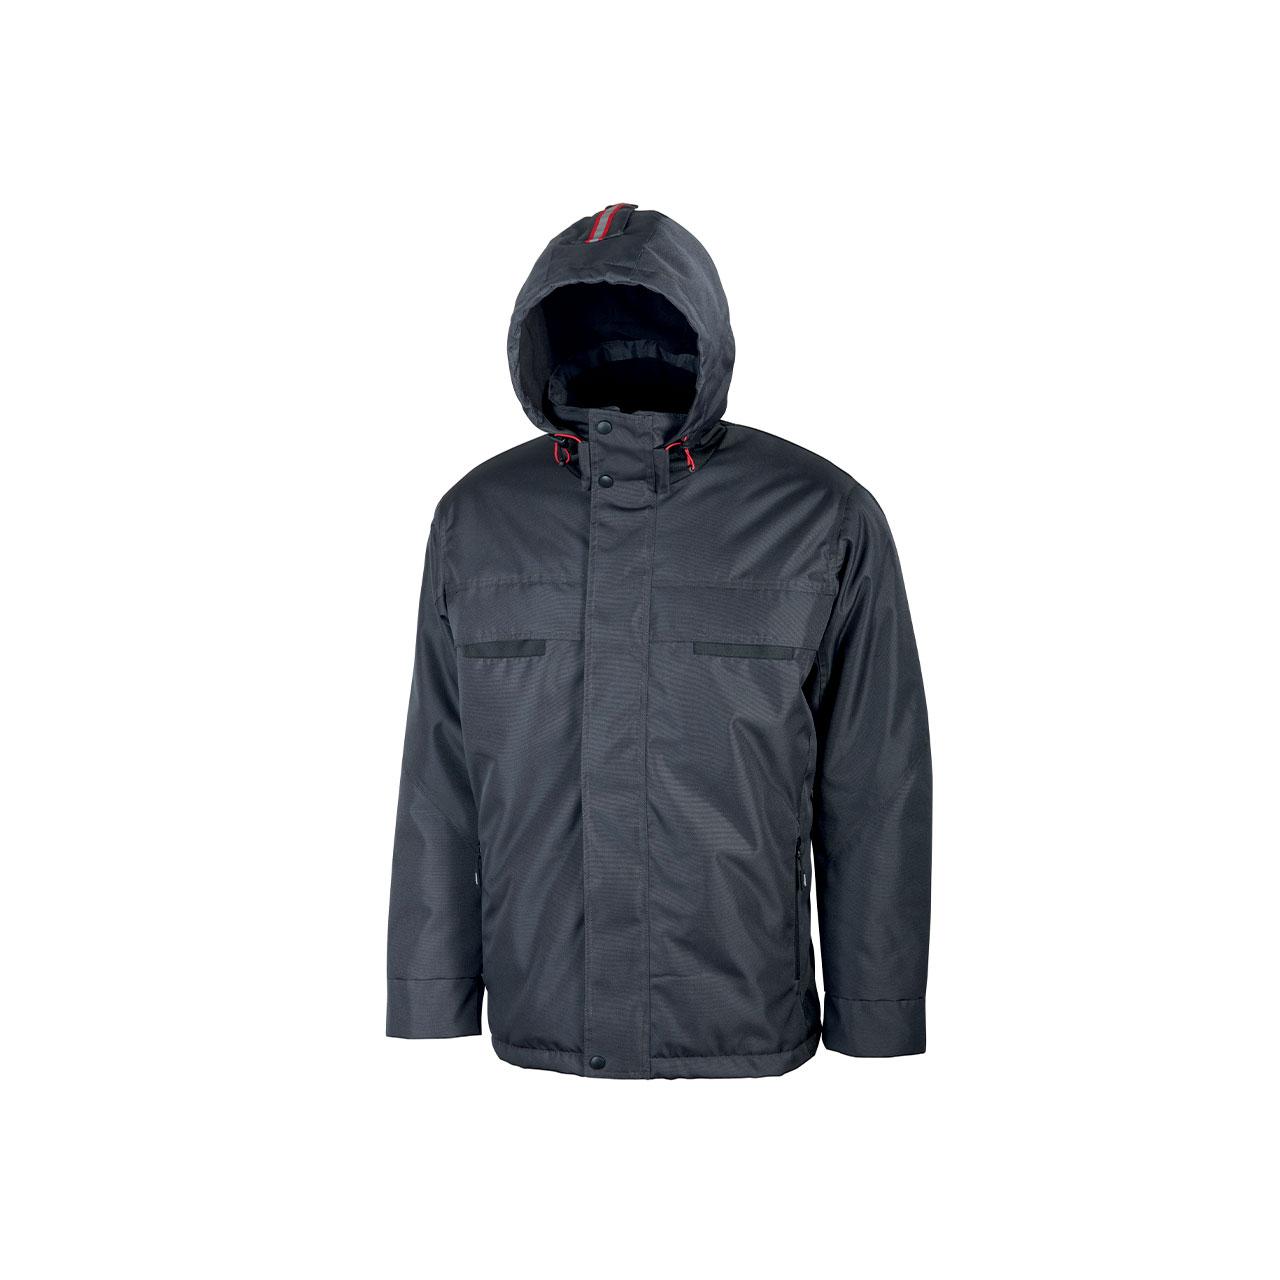 giacca da lavoro upower modello snow colore grey meteor